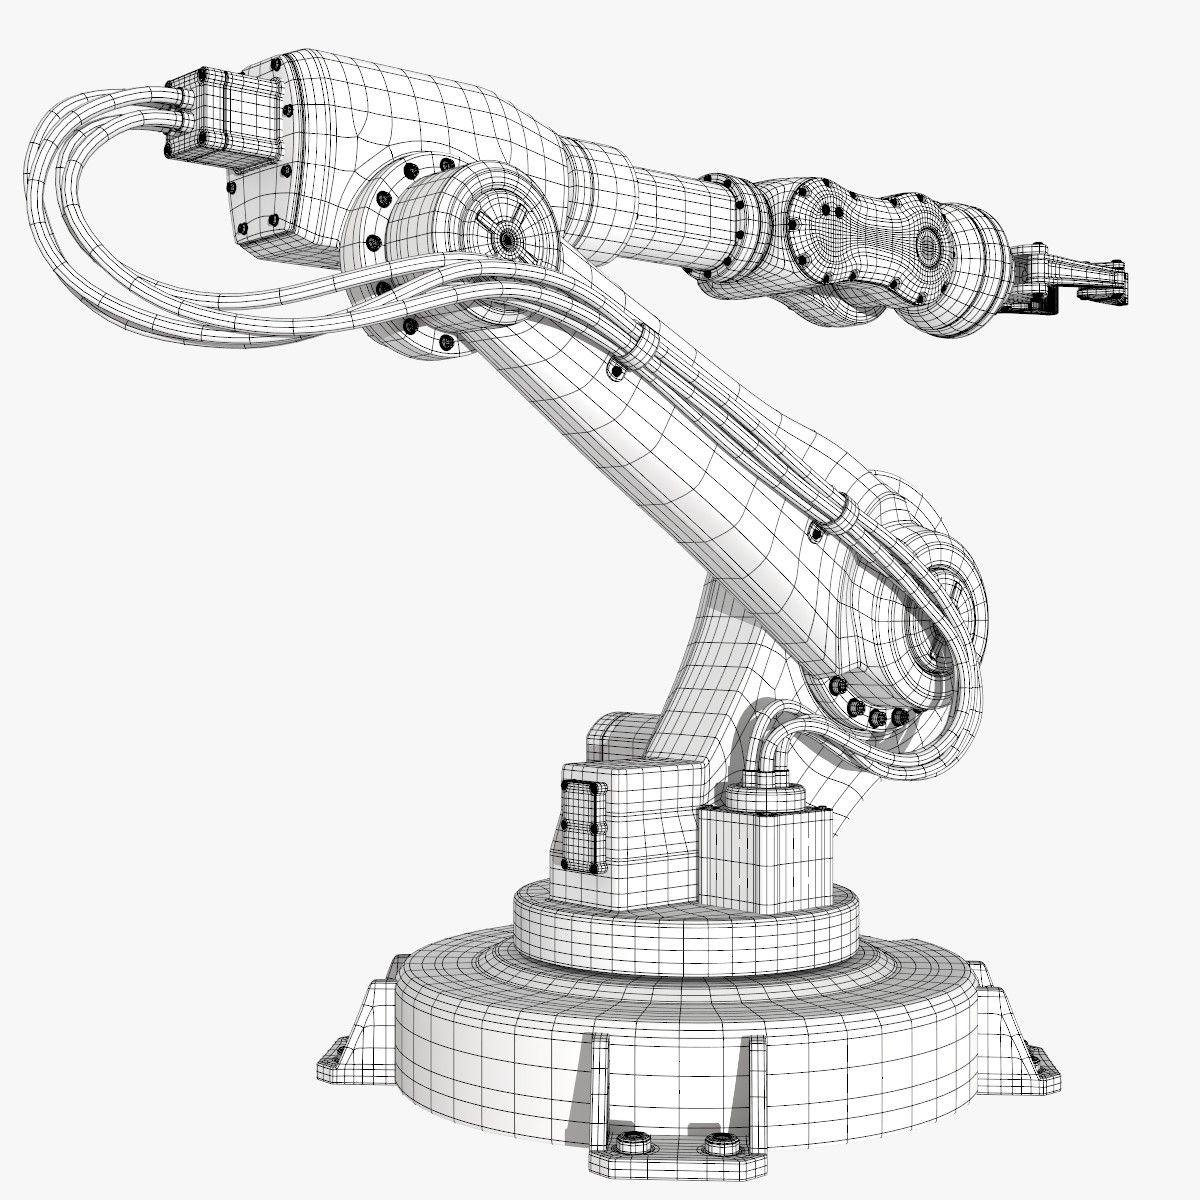 Fbx Industrial Robot Modeled